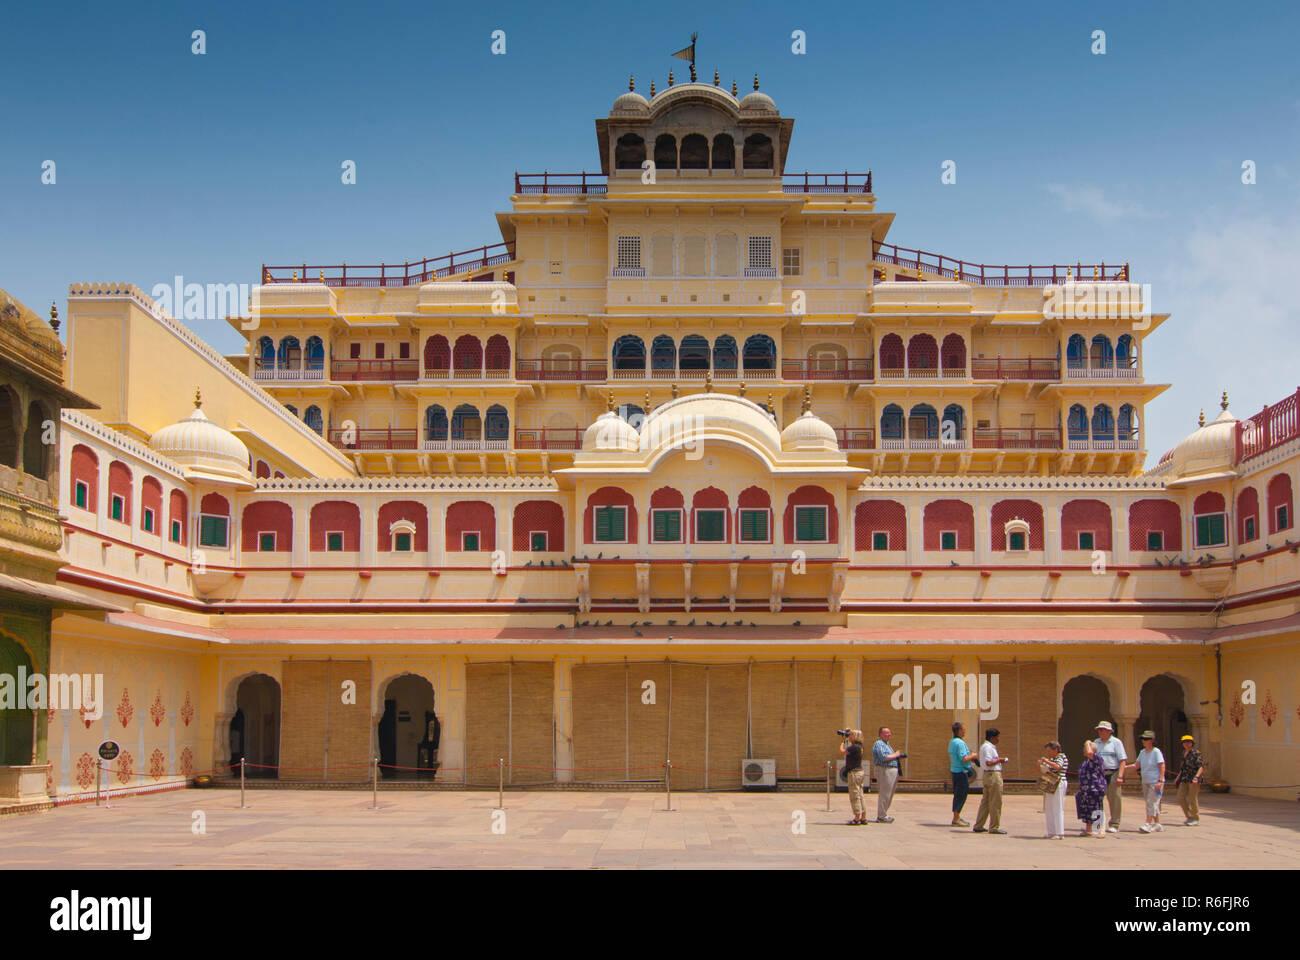 Chandra Mahal Seen From Pitam Niwas Chowk, Jaipur City Palace, Rajasthan, India - Stock Image